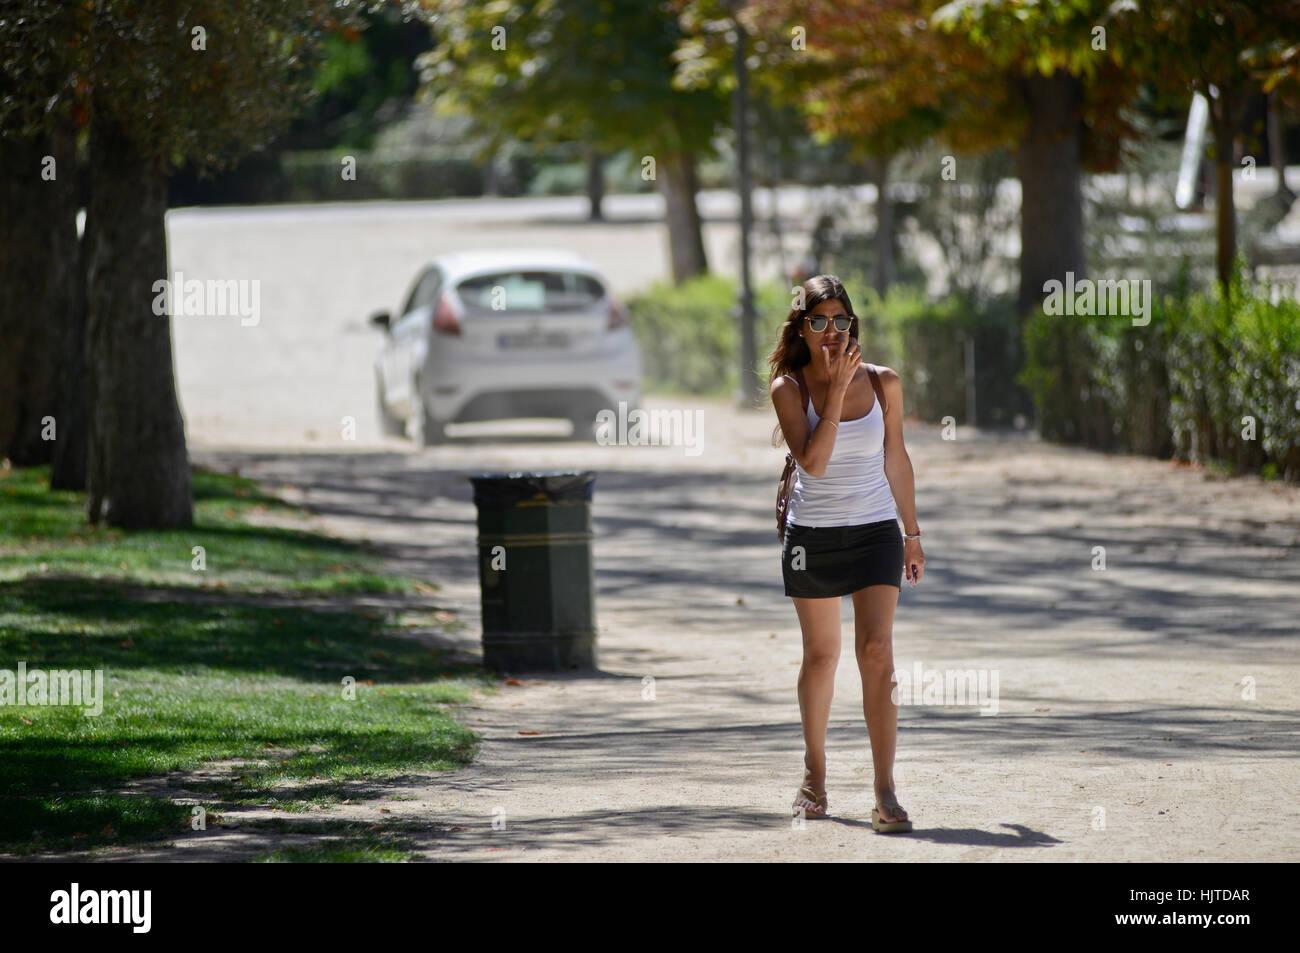 Brünette Frau in Minirock auf der Straße, mit einem Auto auf dem Hintergrund Stockbild